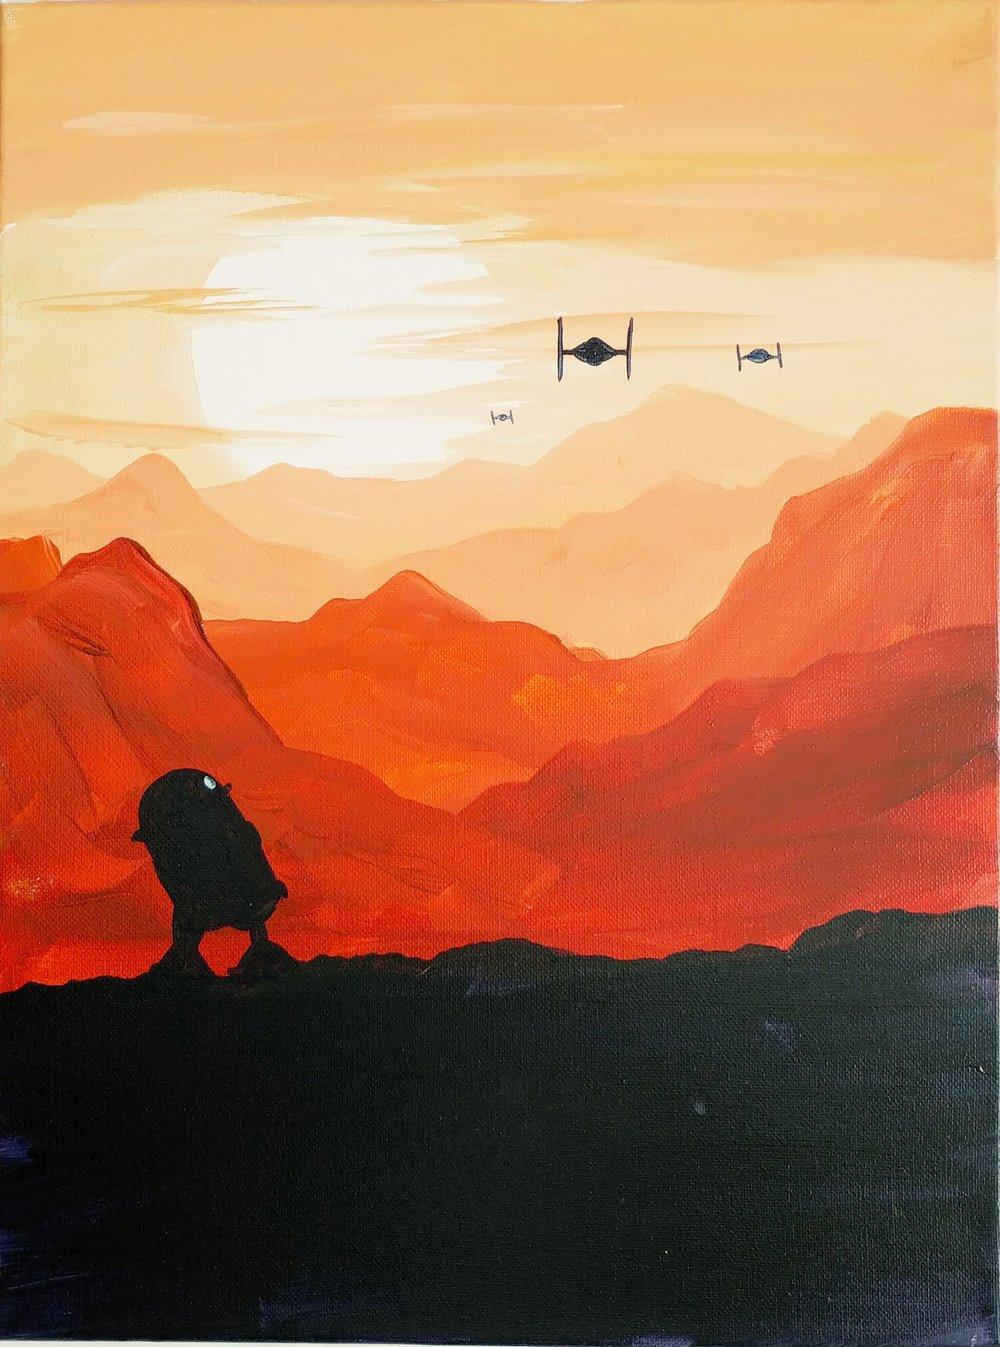 Star Wars - quick design